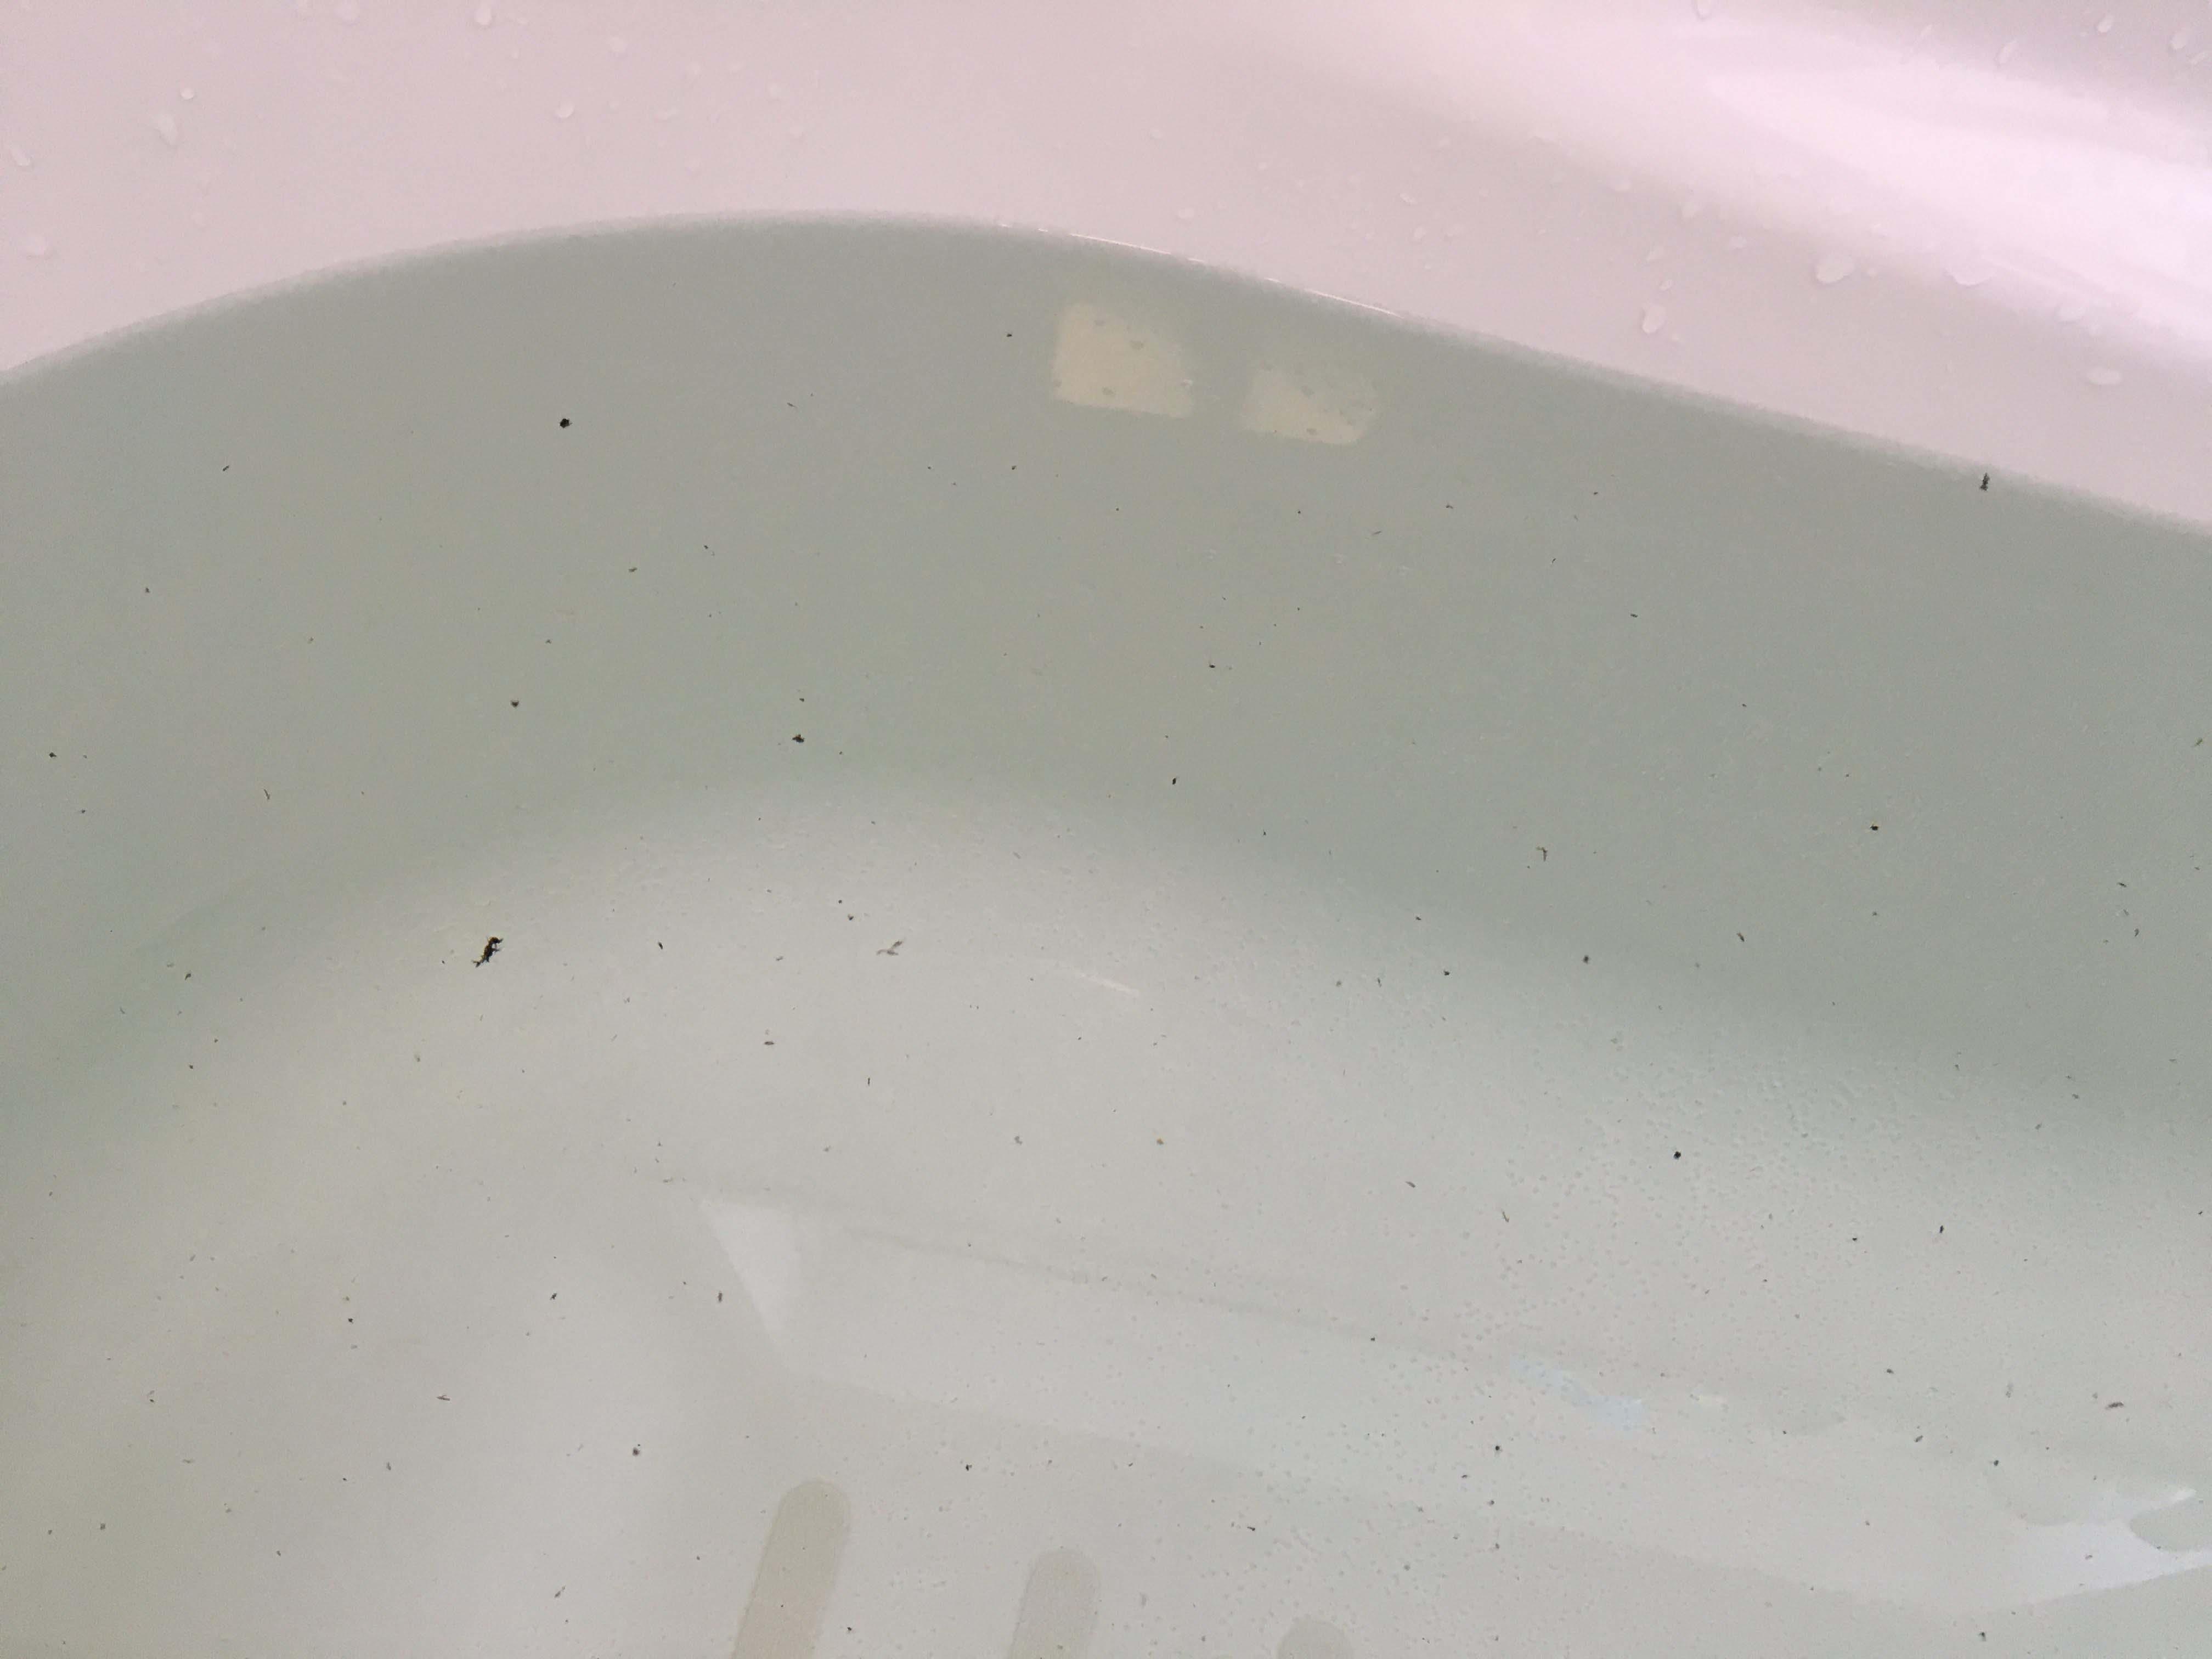 井戸水使用!お湯を張るたびにワカメのようなものが出てくる